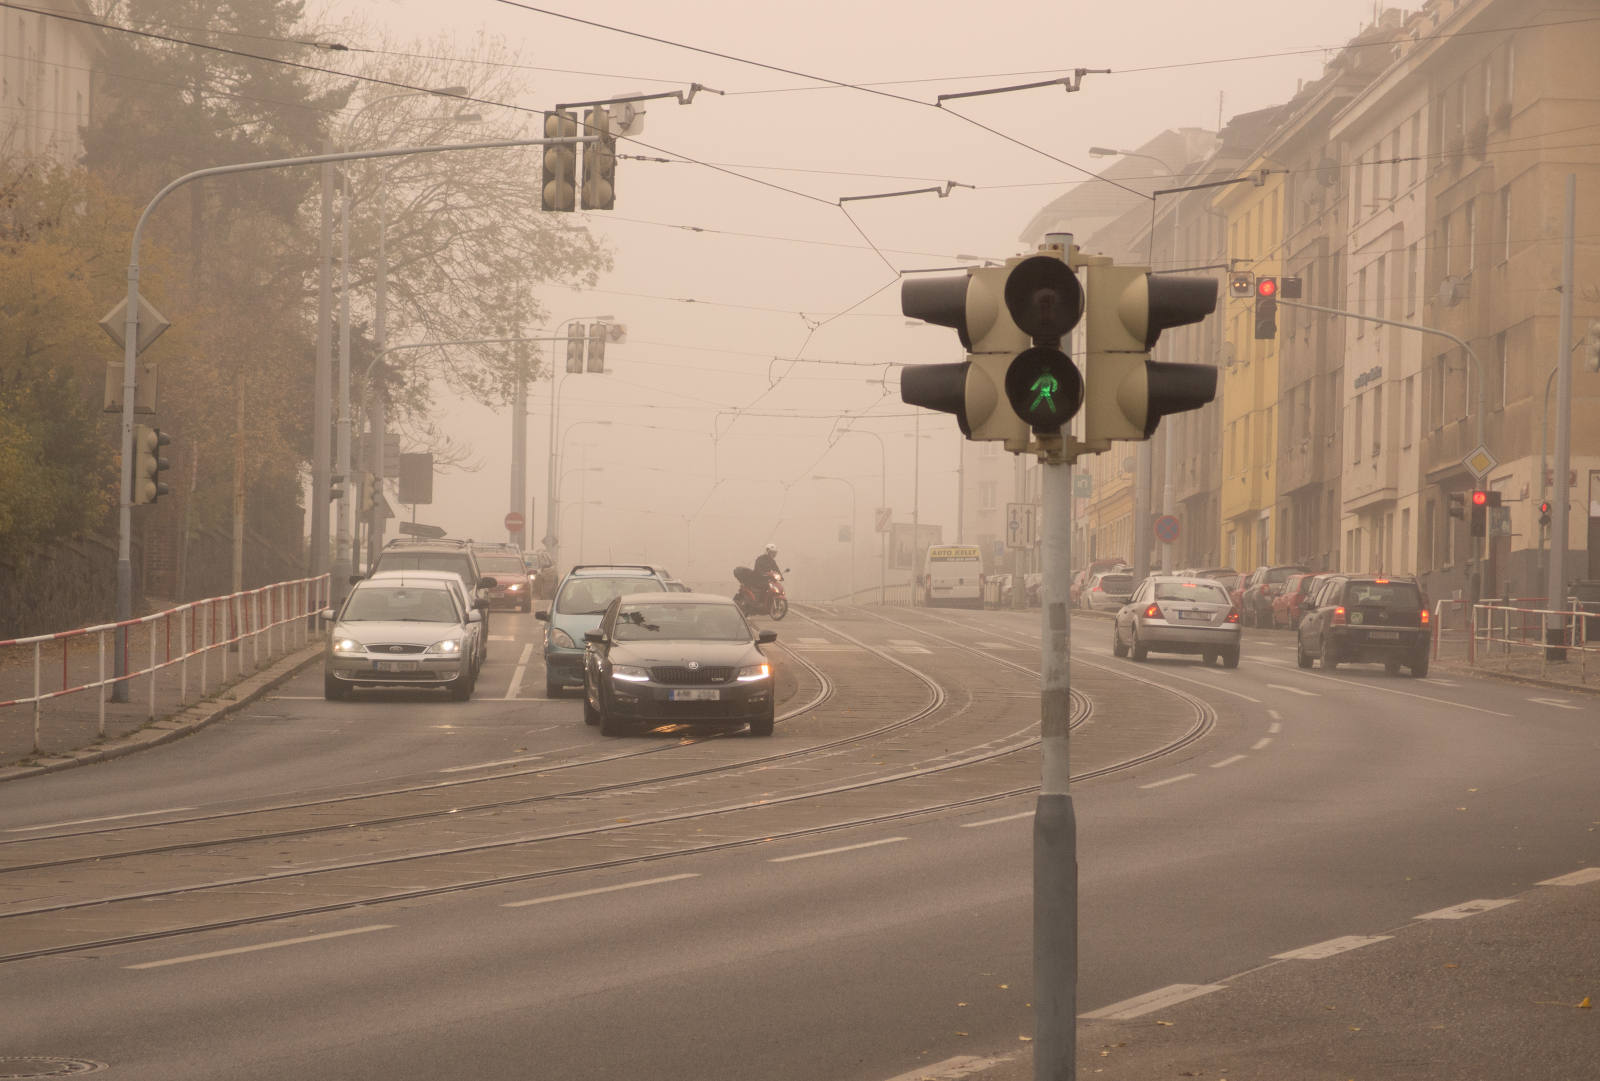 Los vehículos eléctricos realmente reducen la contaminación ambiental